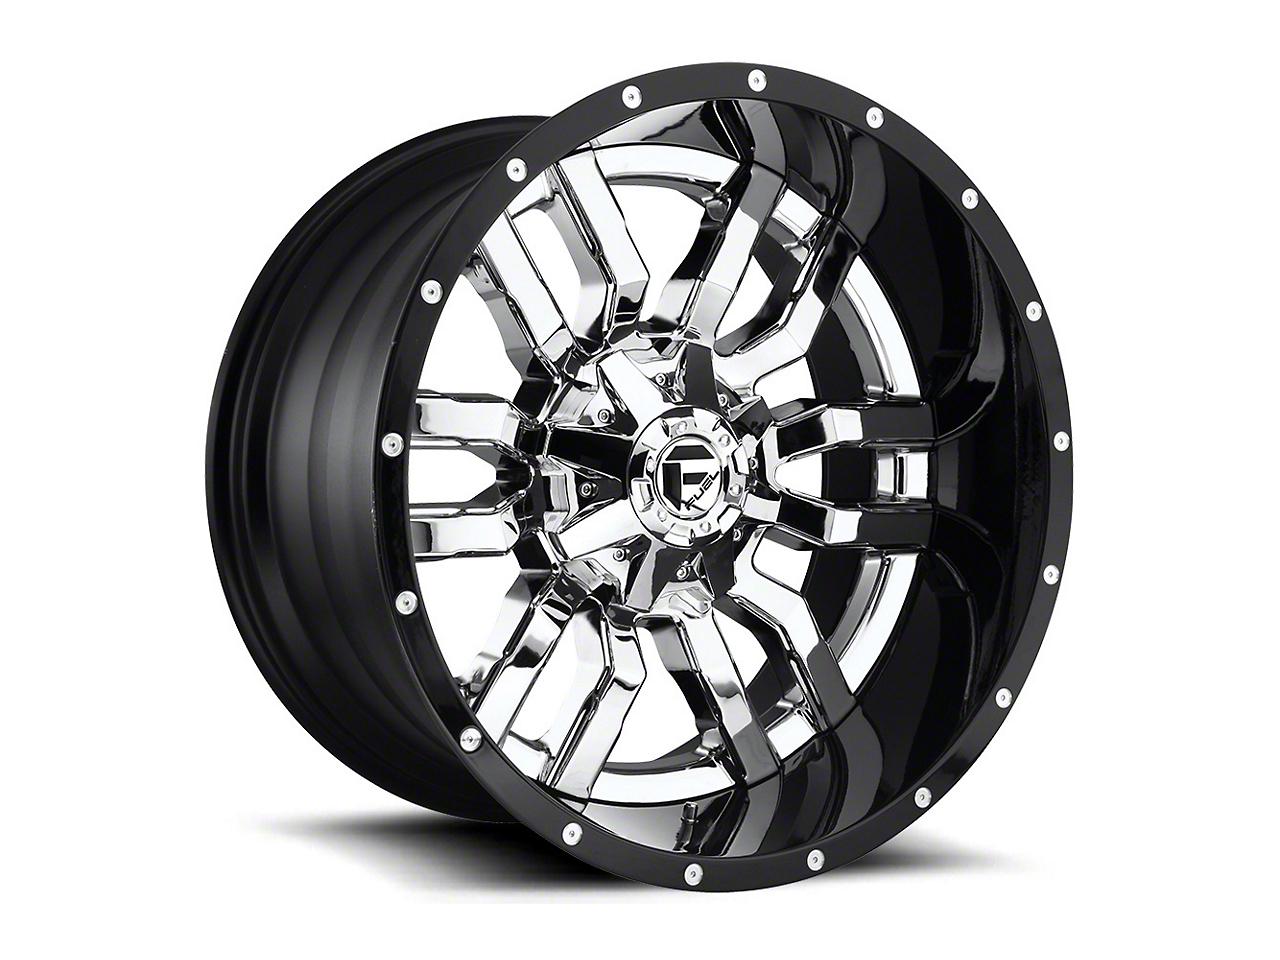 Fuel Wheels Sledge Chrome 6-Lug Wheel - 22x10 (07-18 Silverado 1500)